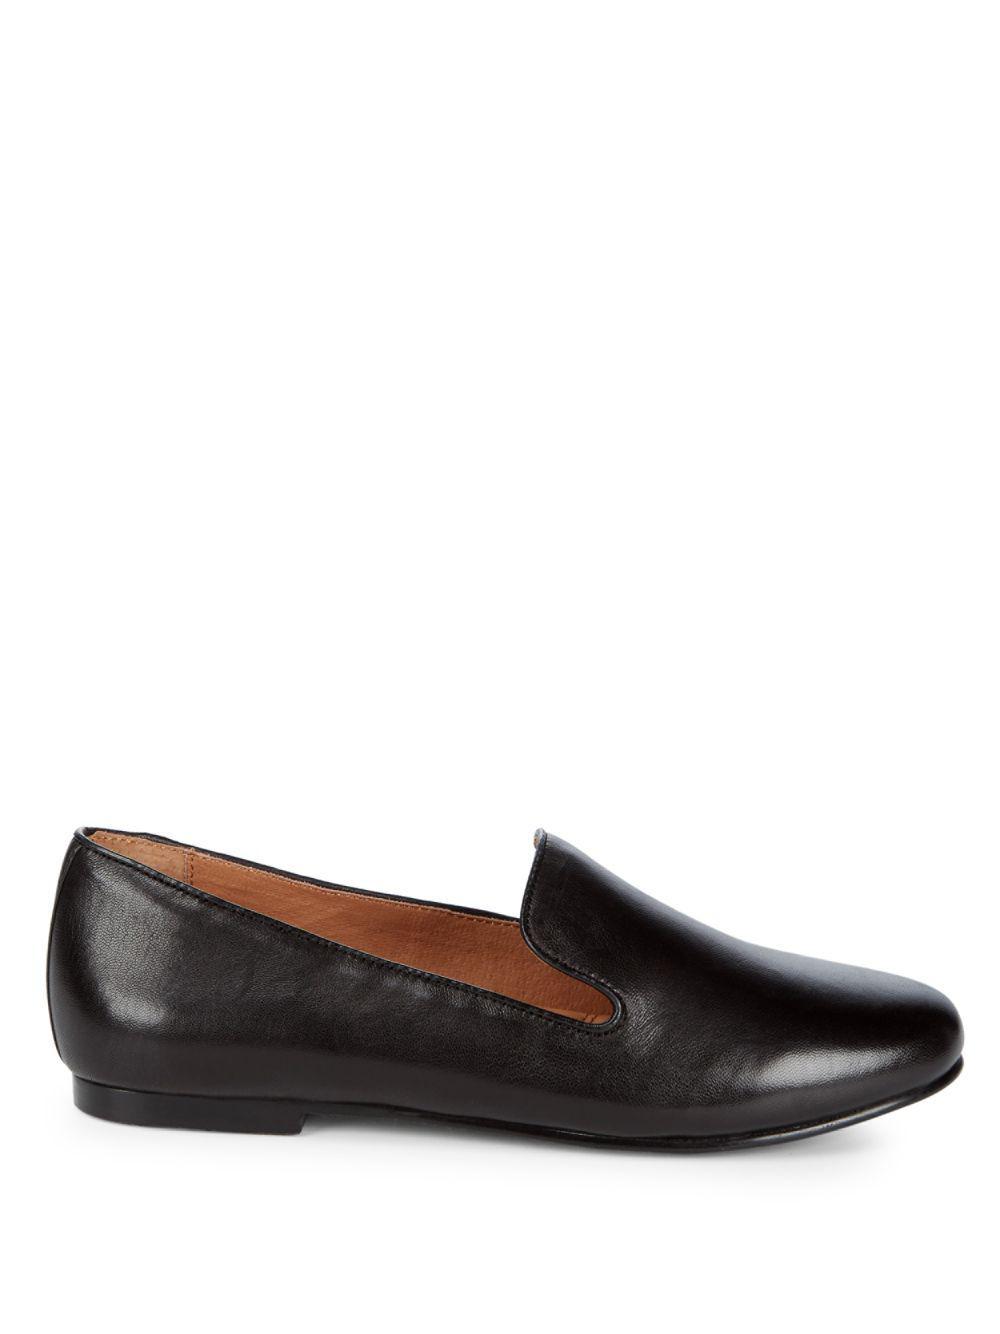 Eugene Leather Slip-on Loafer Gentle Souls 2gieuQ